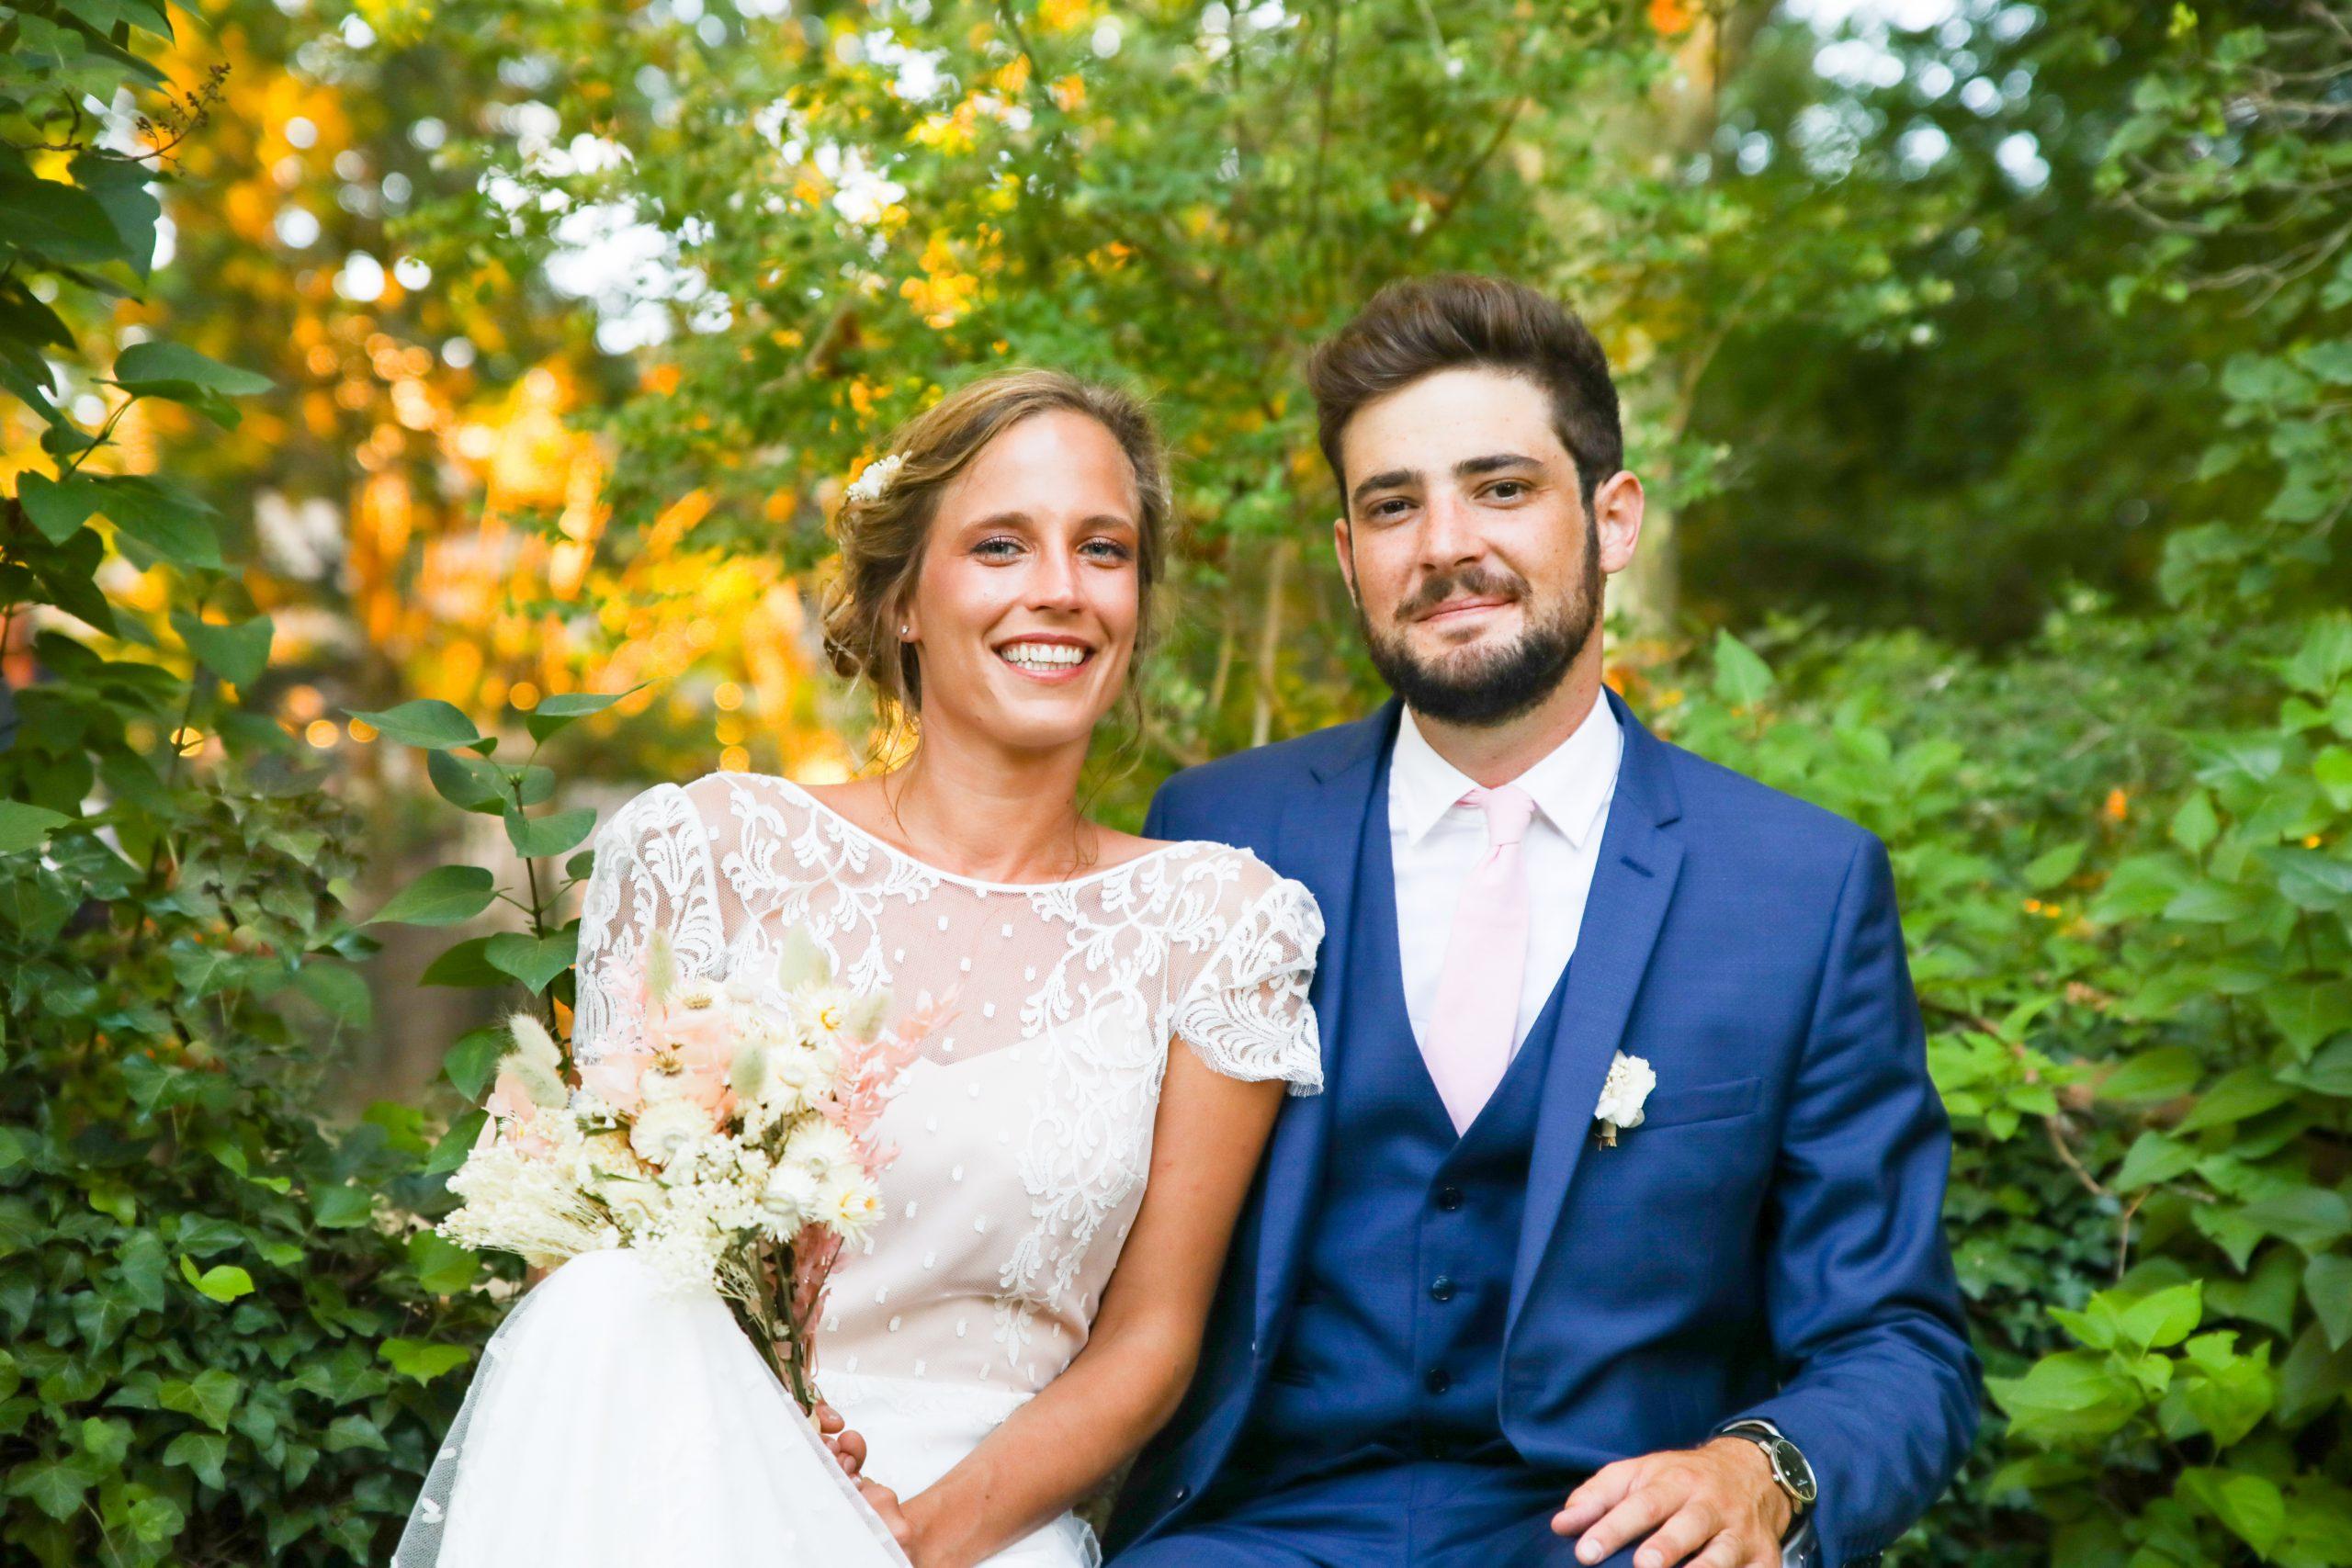 Photographie mariage - Séance couple - nature - Photographe mariage - Paris- Montpellier - Nice - original - couché du soleil - Mariage Hérault - Mariage Vignoble